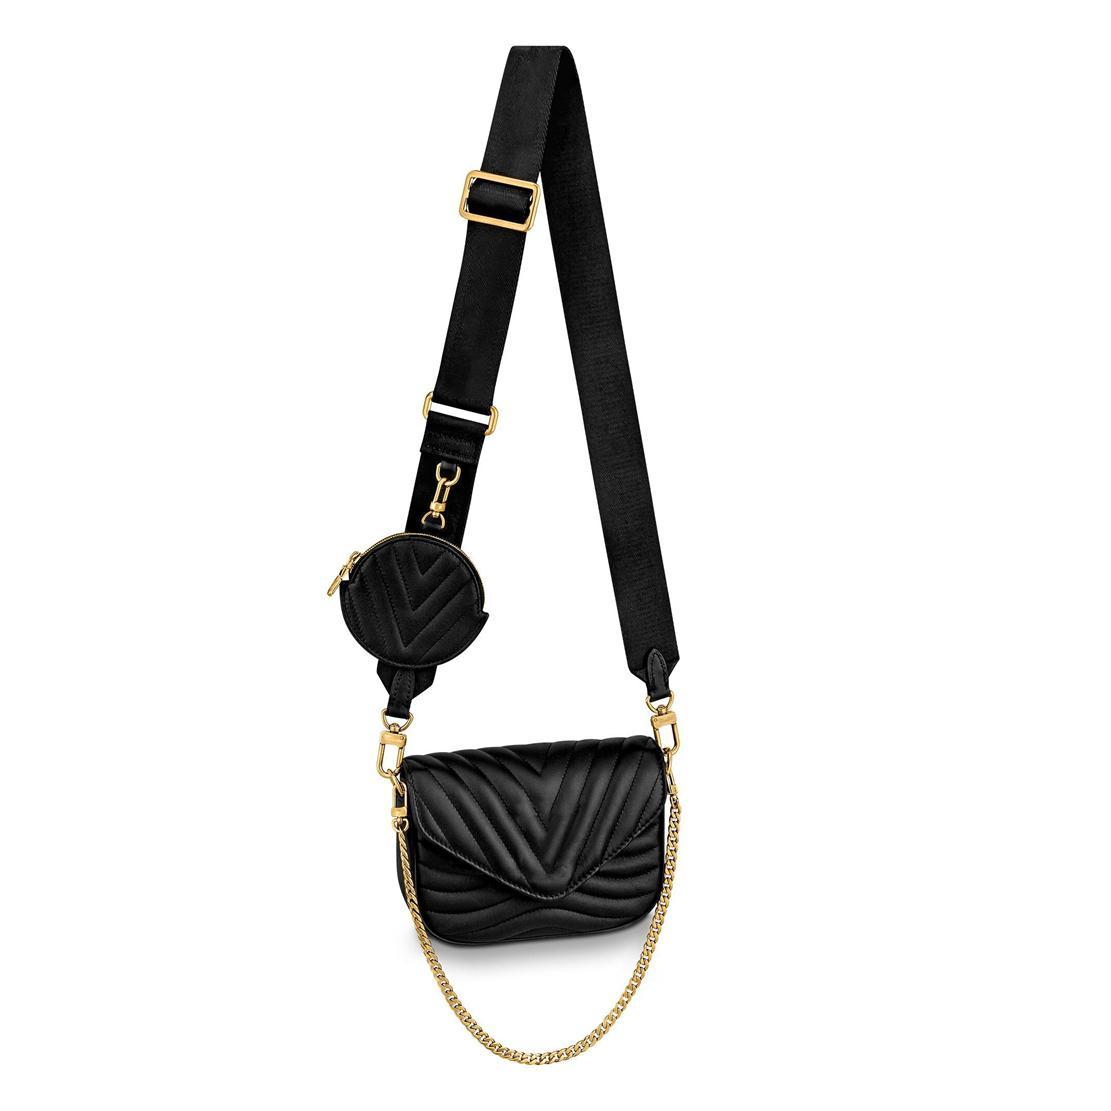 Shoulder Bags Totes Bag Womens Bolsas Mulheres Tote Bolsa Bandoleira saco bolsas bolsas de couro Clutch Mochila Carteira Moda Fannypack 95842